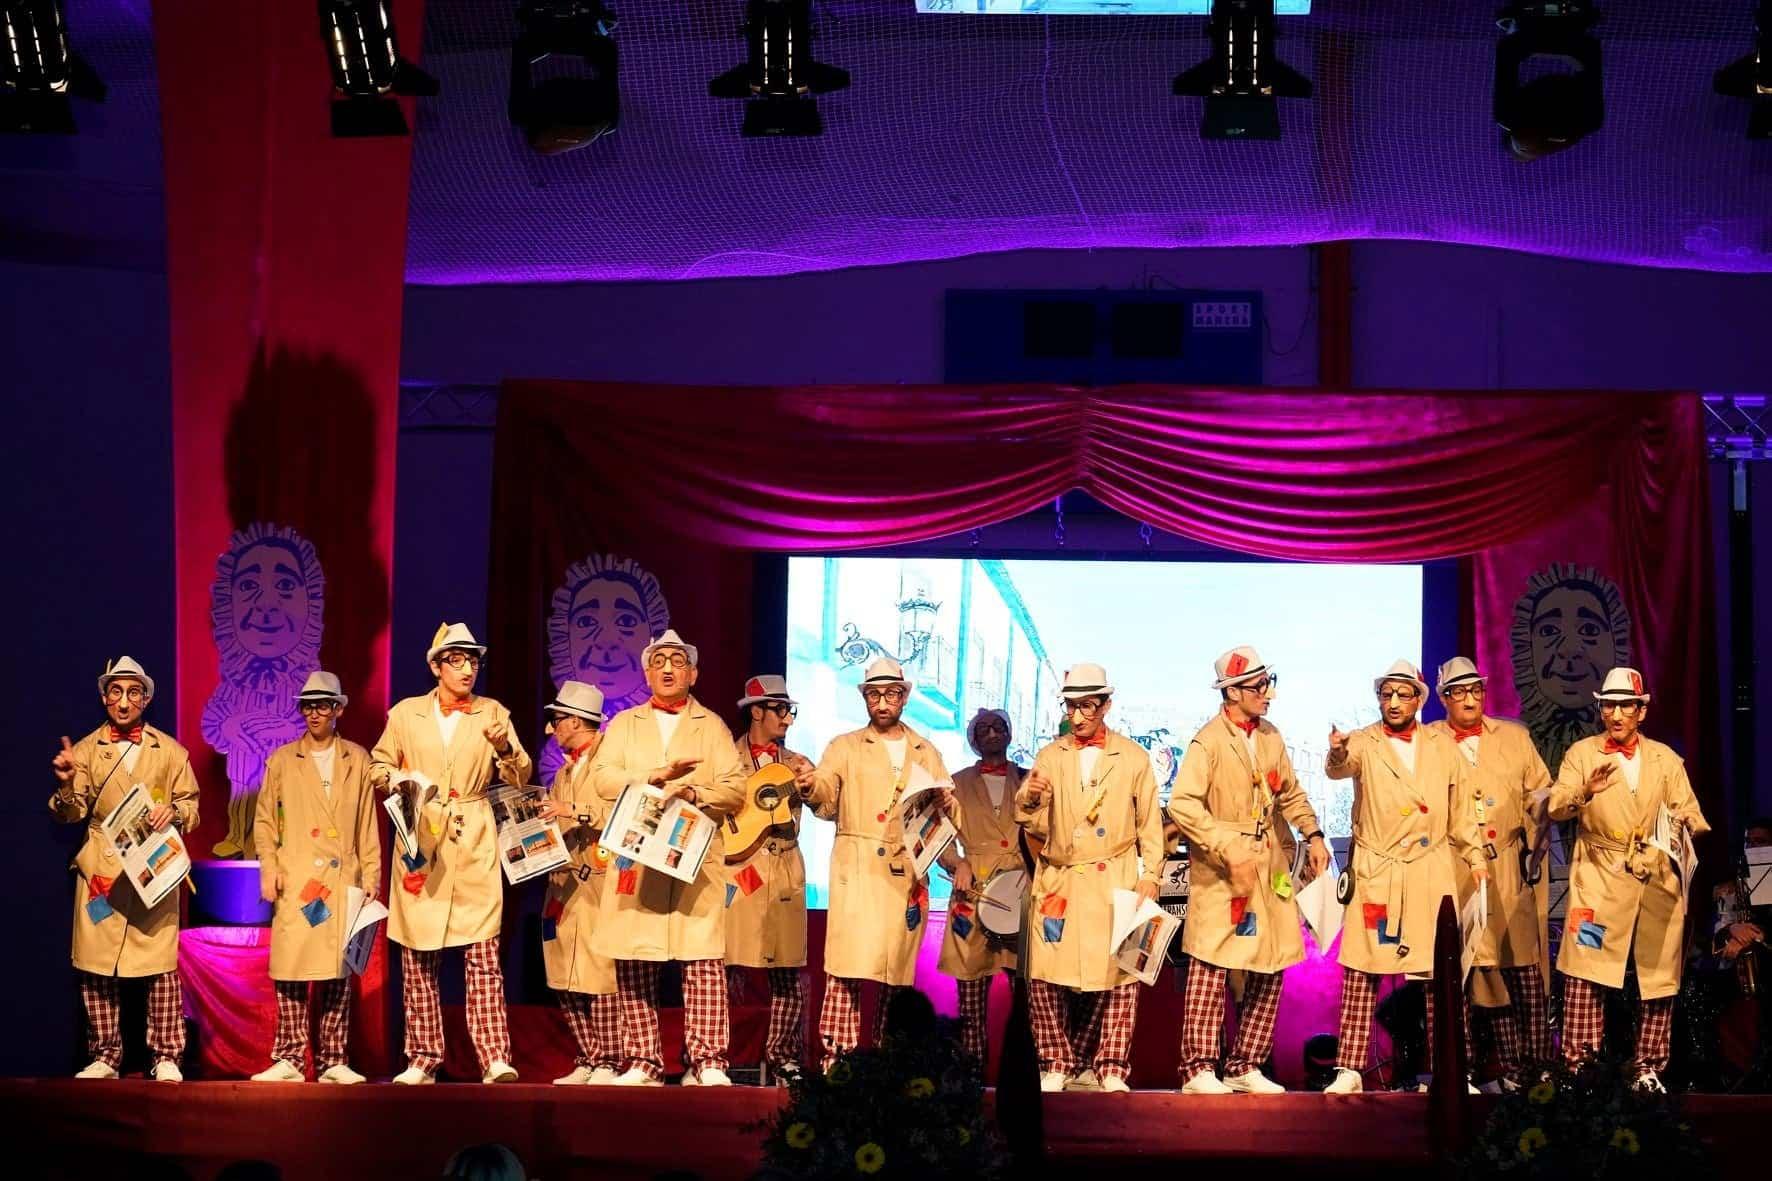 inauguracion carnaval 2020 herencia 30 - Inauguración del Carnaval de Herencia 2020